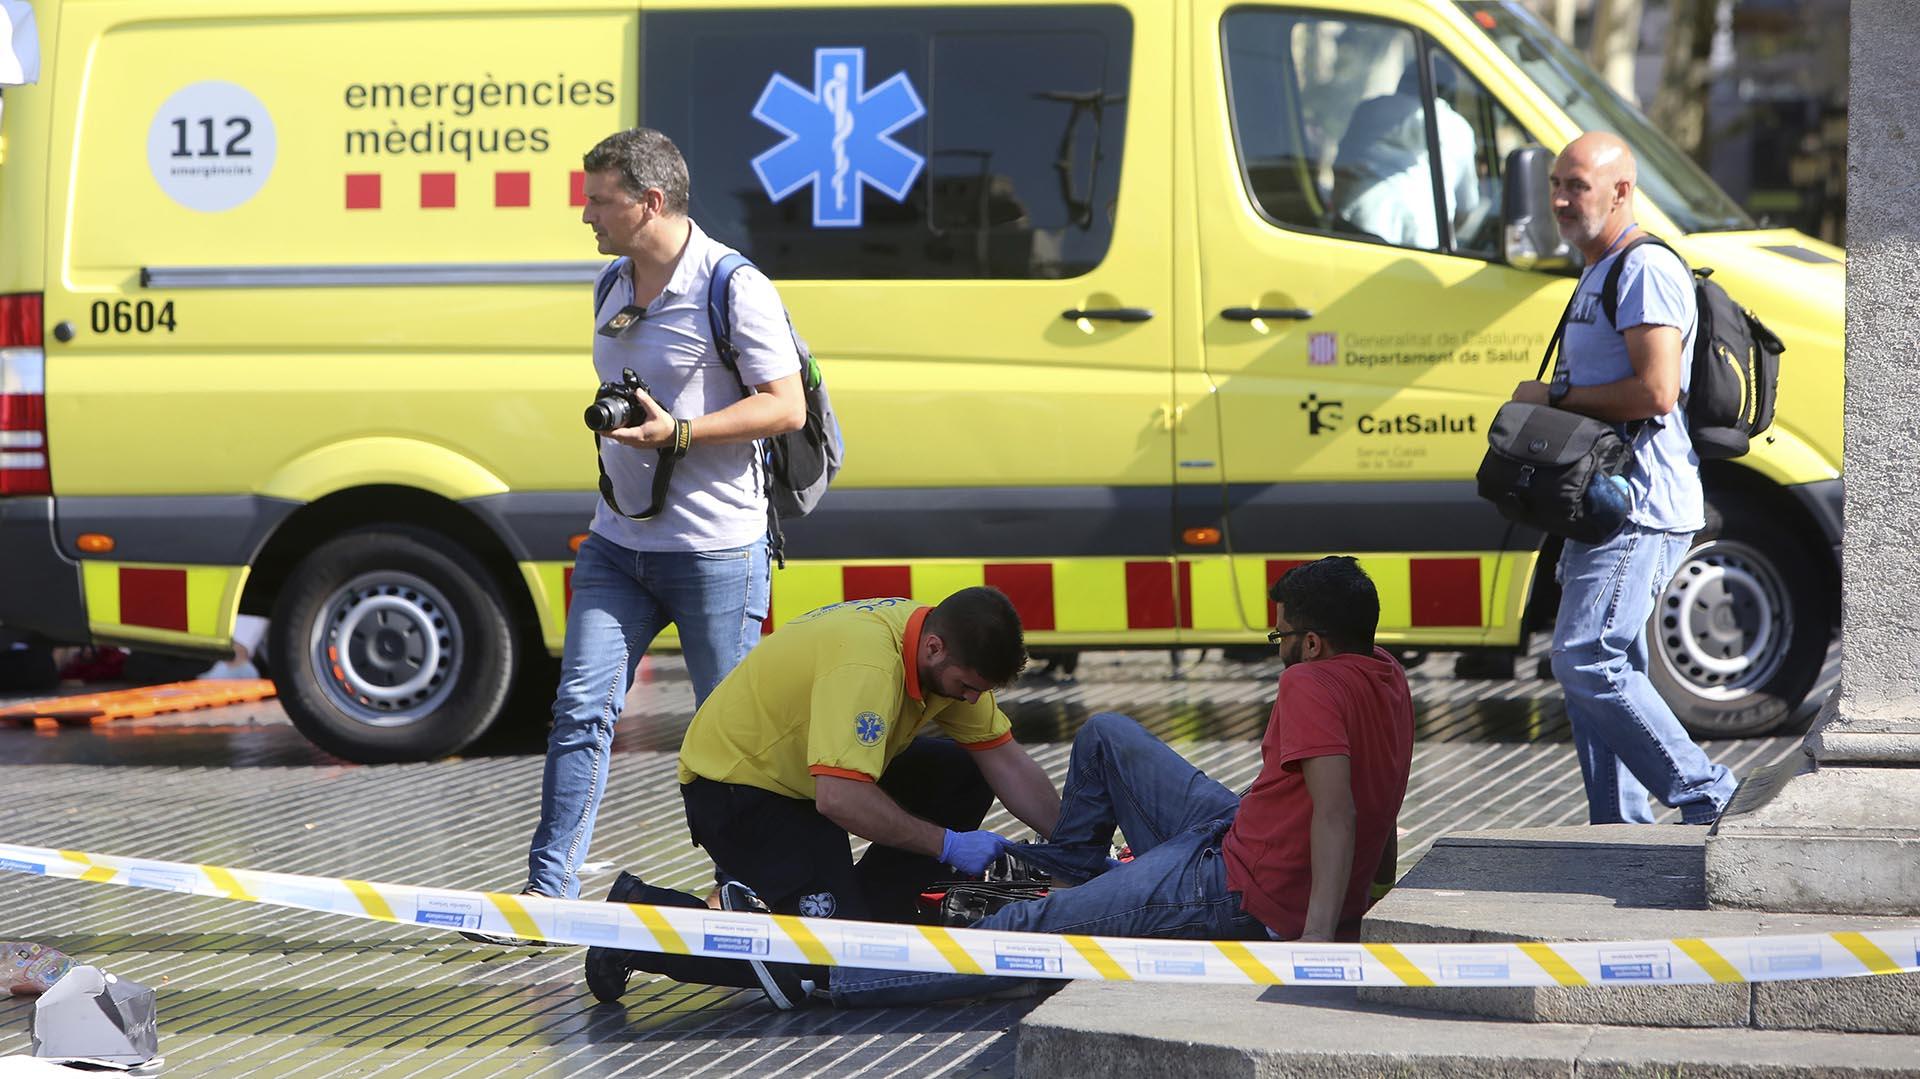 Un miembro de la unidad sanitaria atienda a un herido (AP)